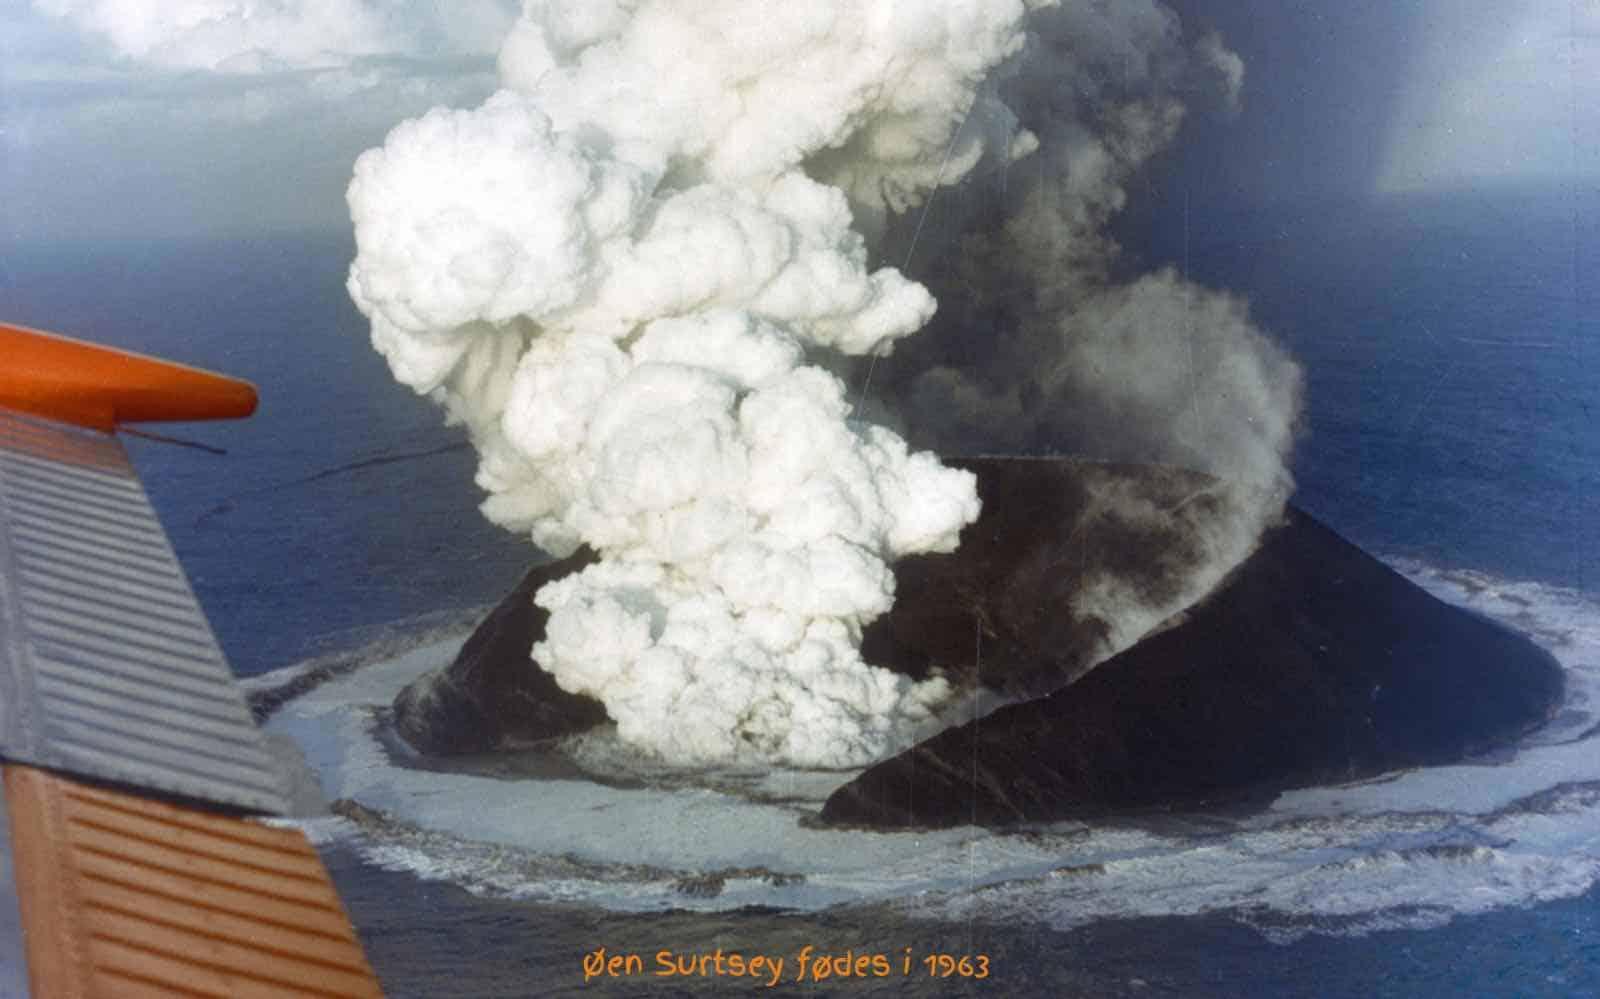 Vulkanøen Surtsey fødes i 1963